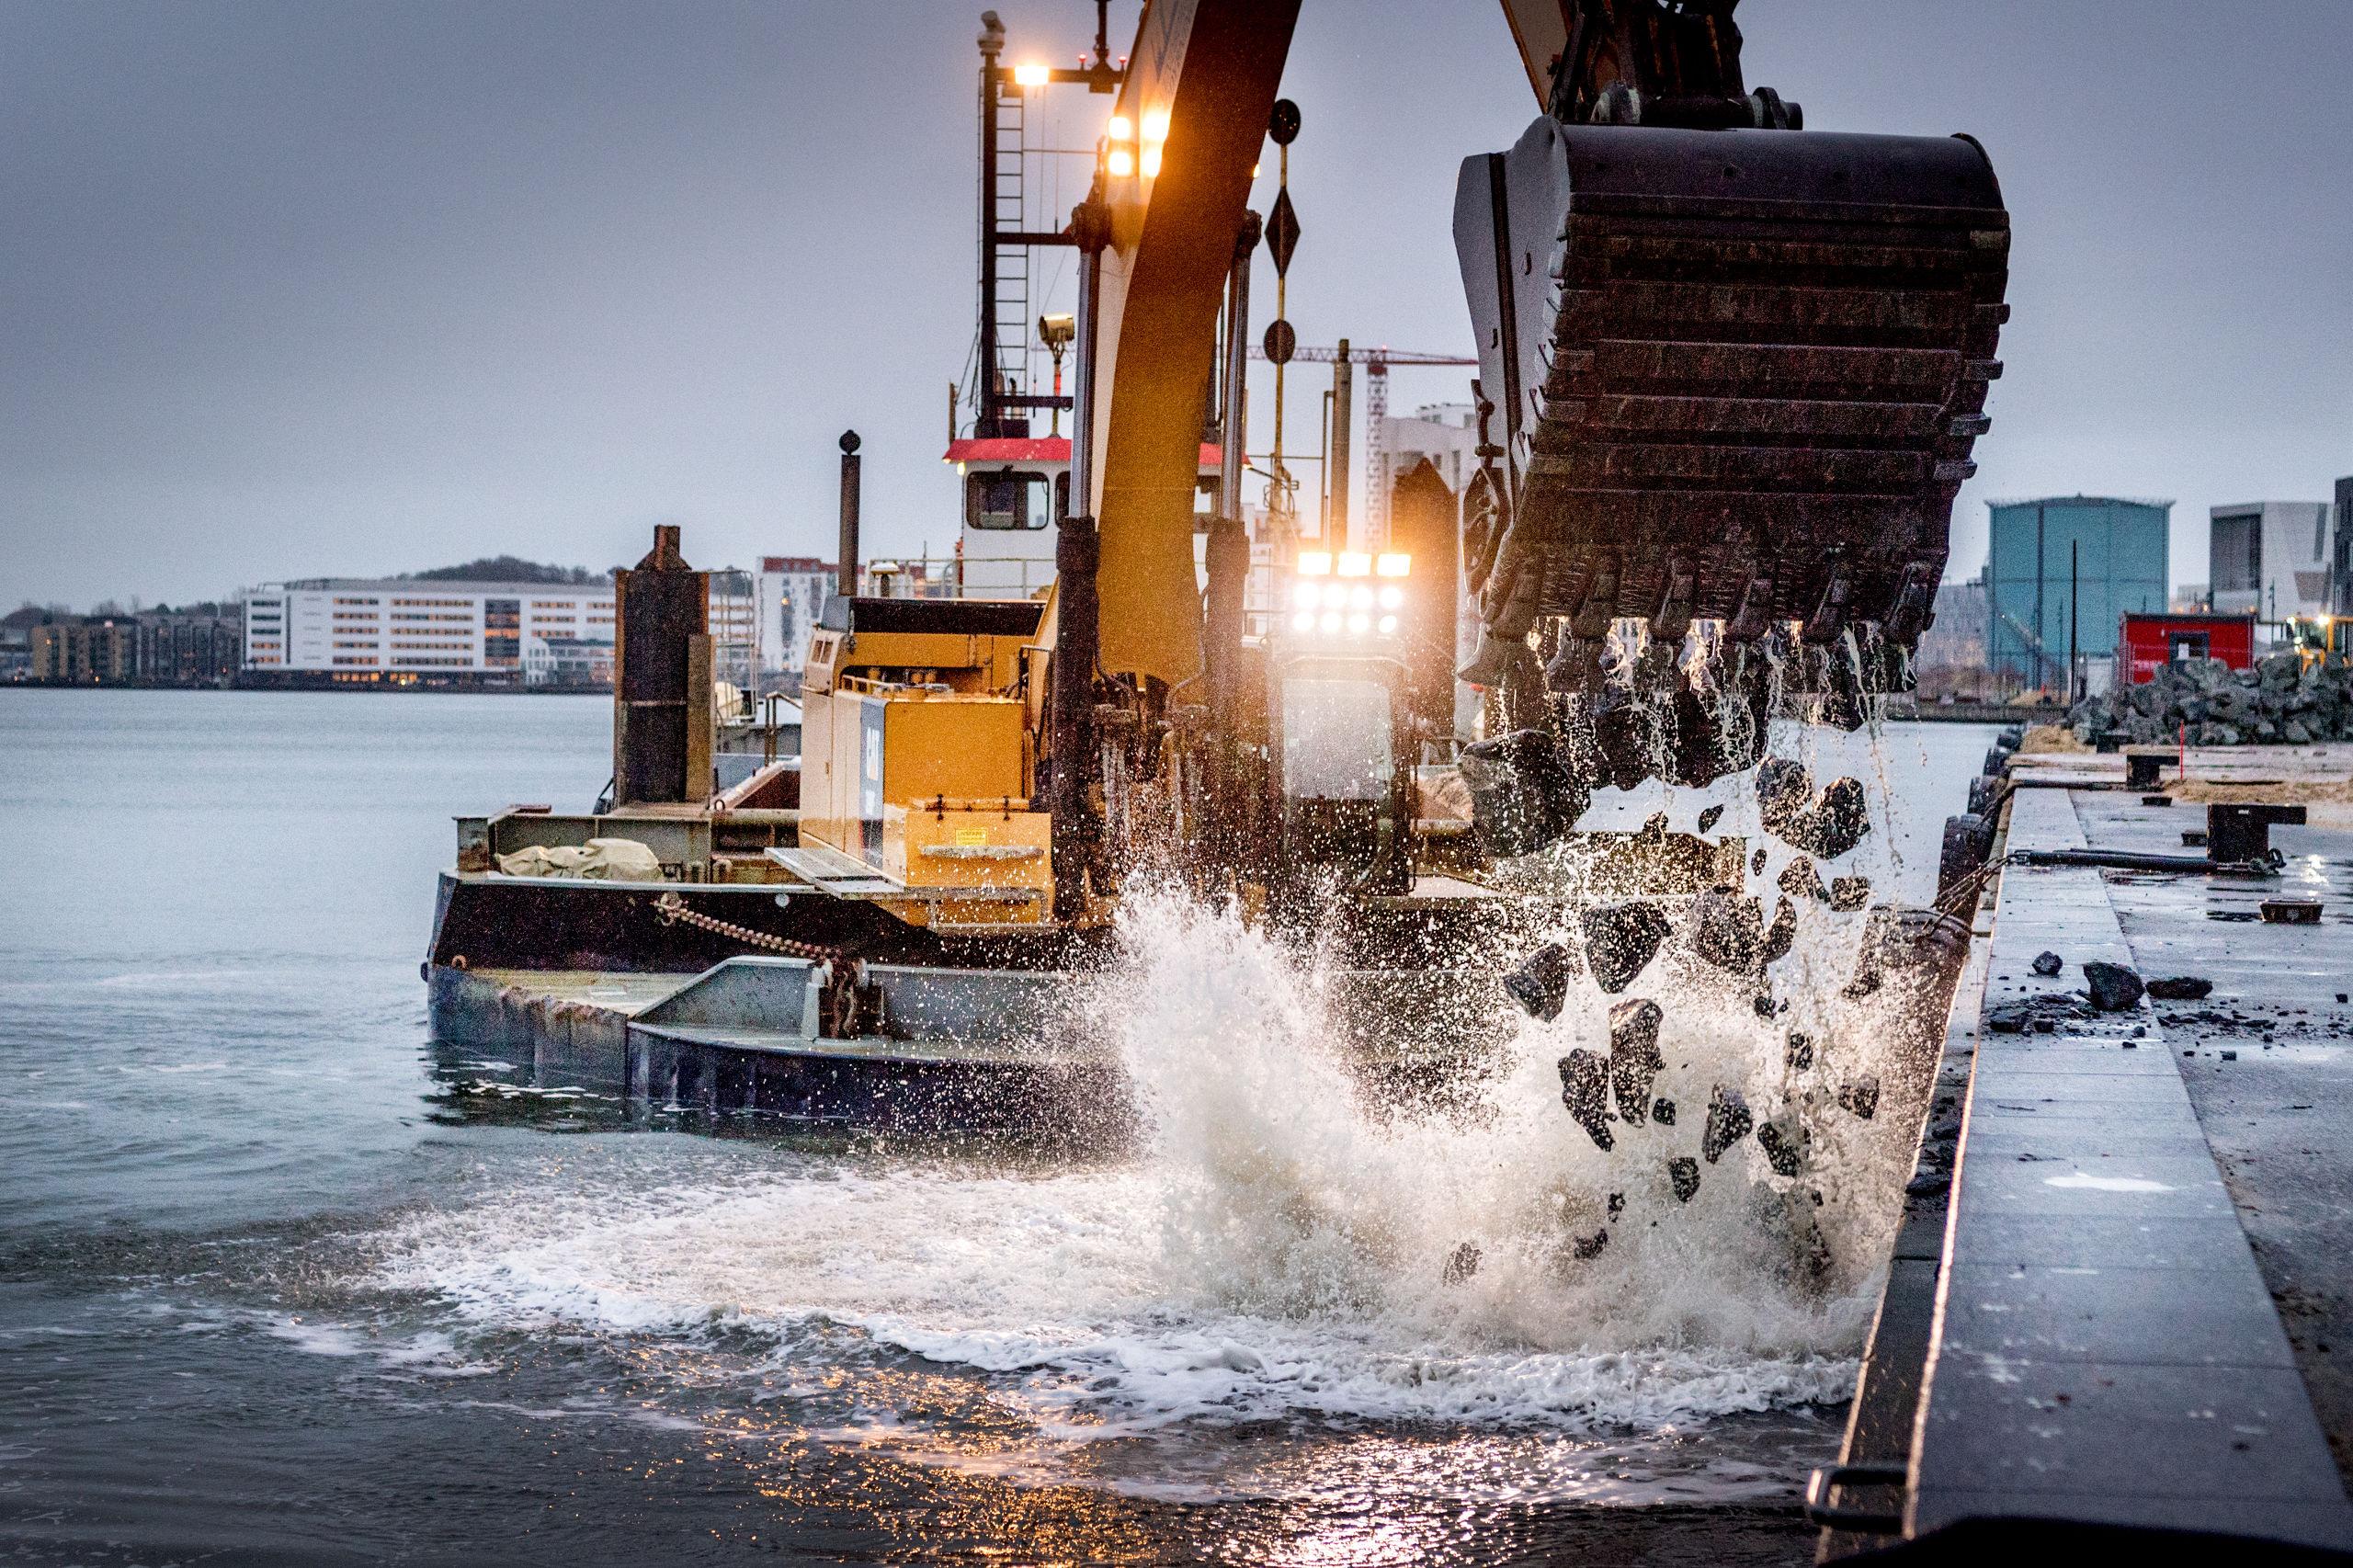 Det er et ganske imponerende syn, når den store og flydende gravko gnaver sig ind på de store mængder granitsten på kajen for derefter at hælde dem ud i Limfjorden. Foto: Torben Hansen